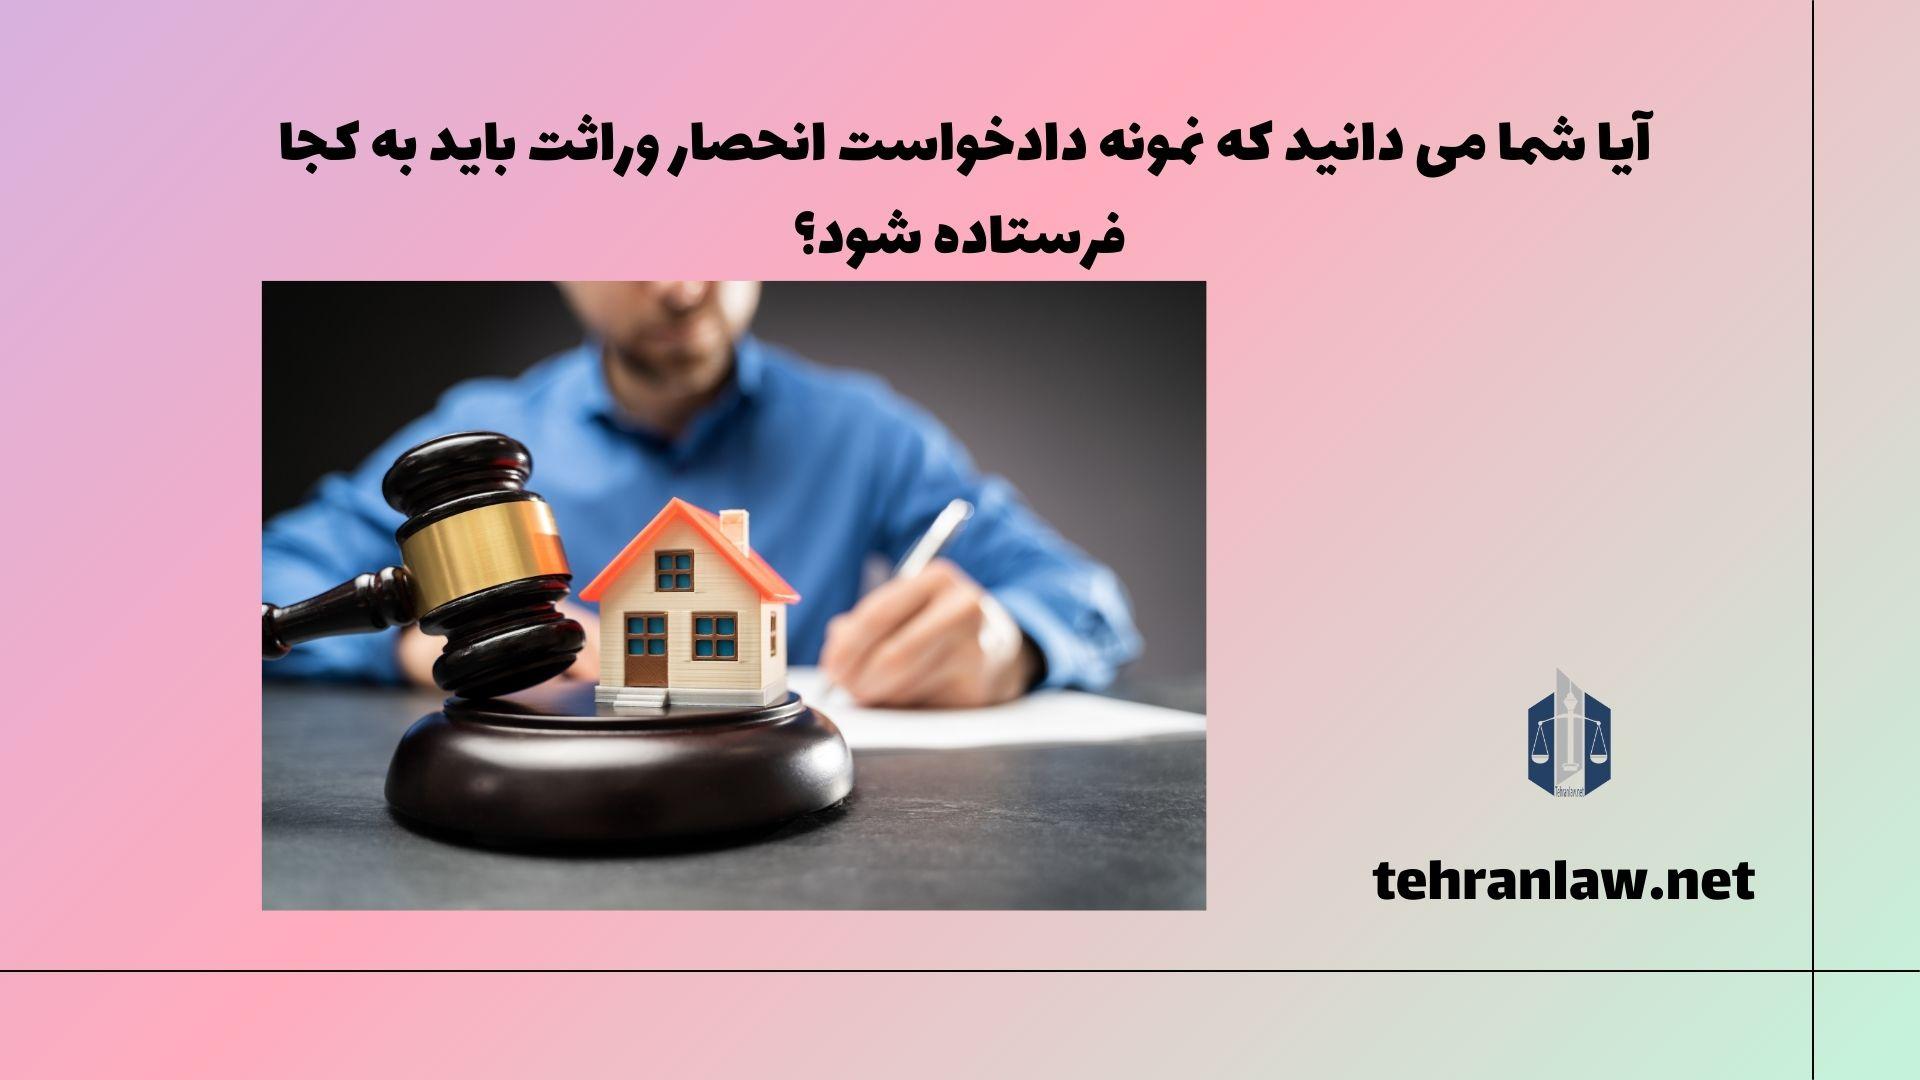 آیا می دانید که نمونه دادخواست انحصار وراثت باید به کجا فرستاده شود؟